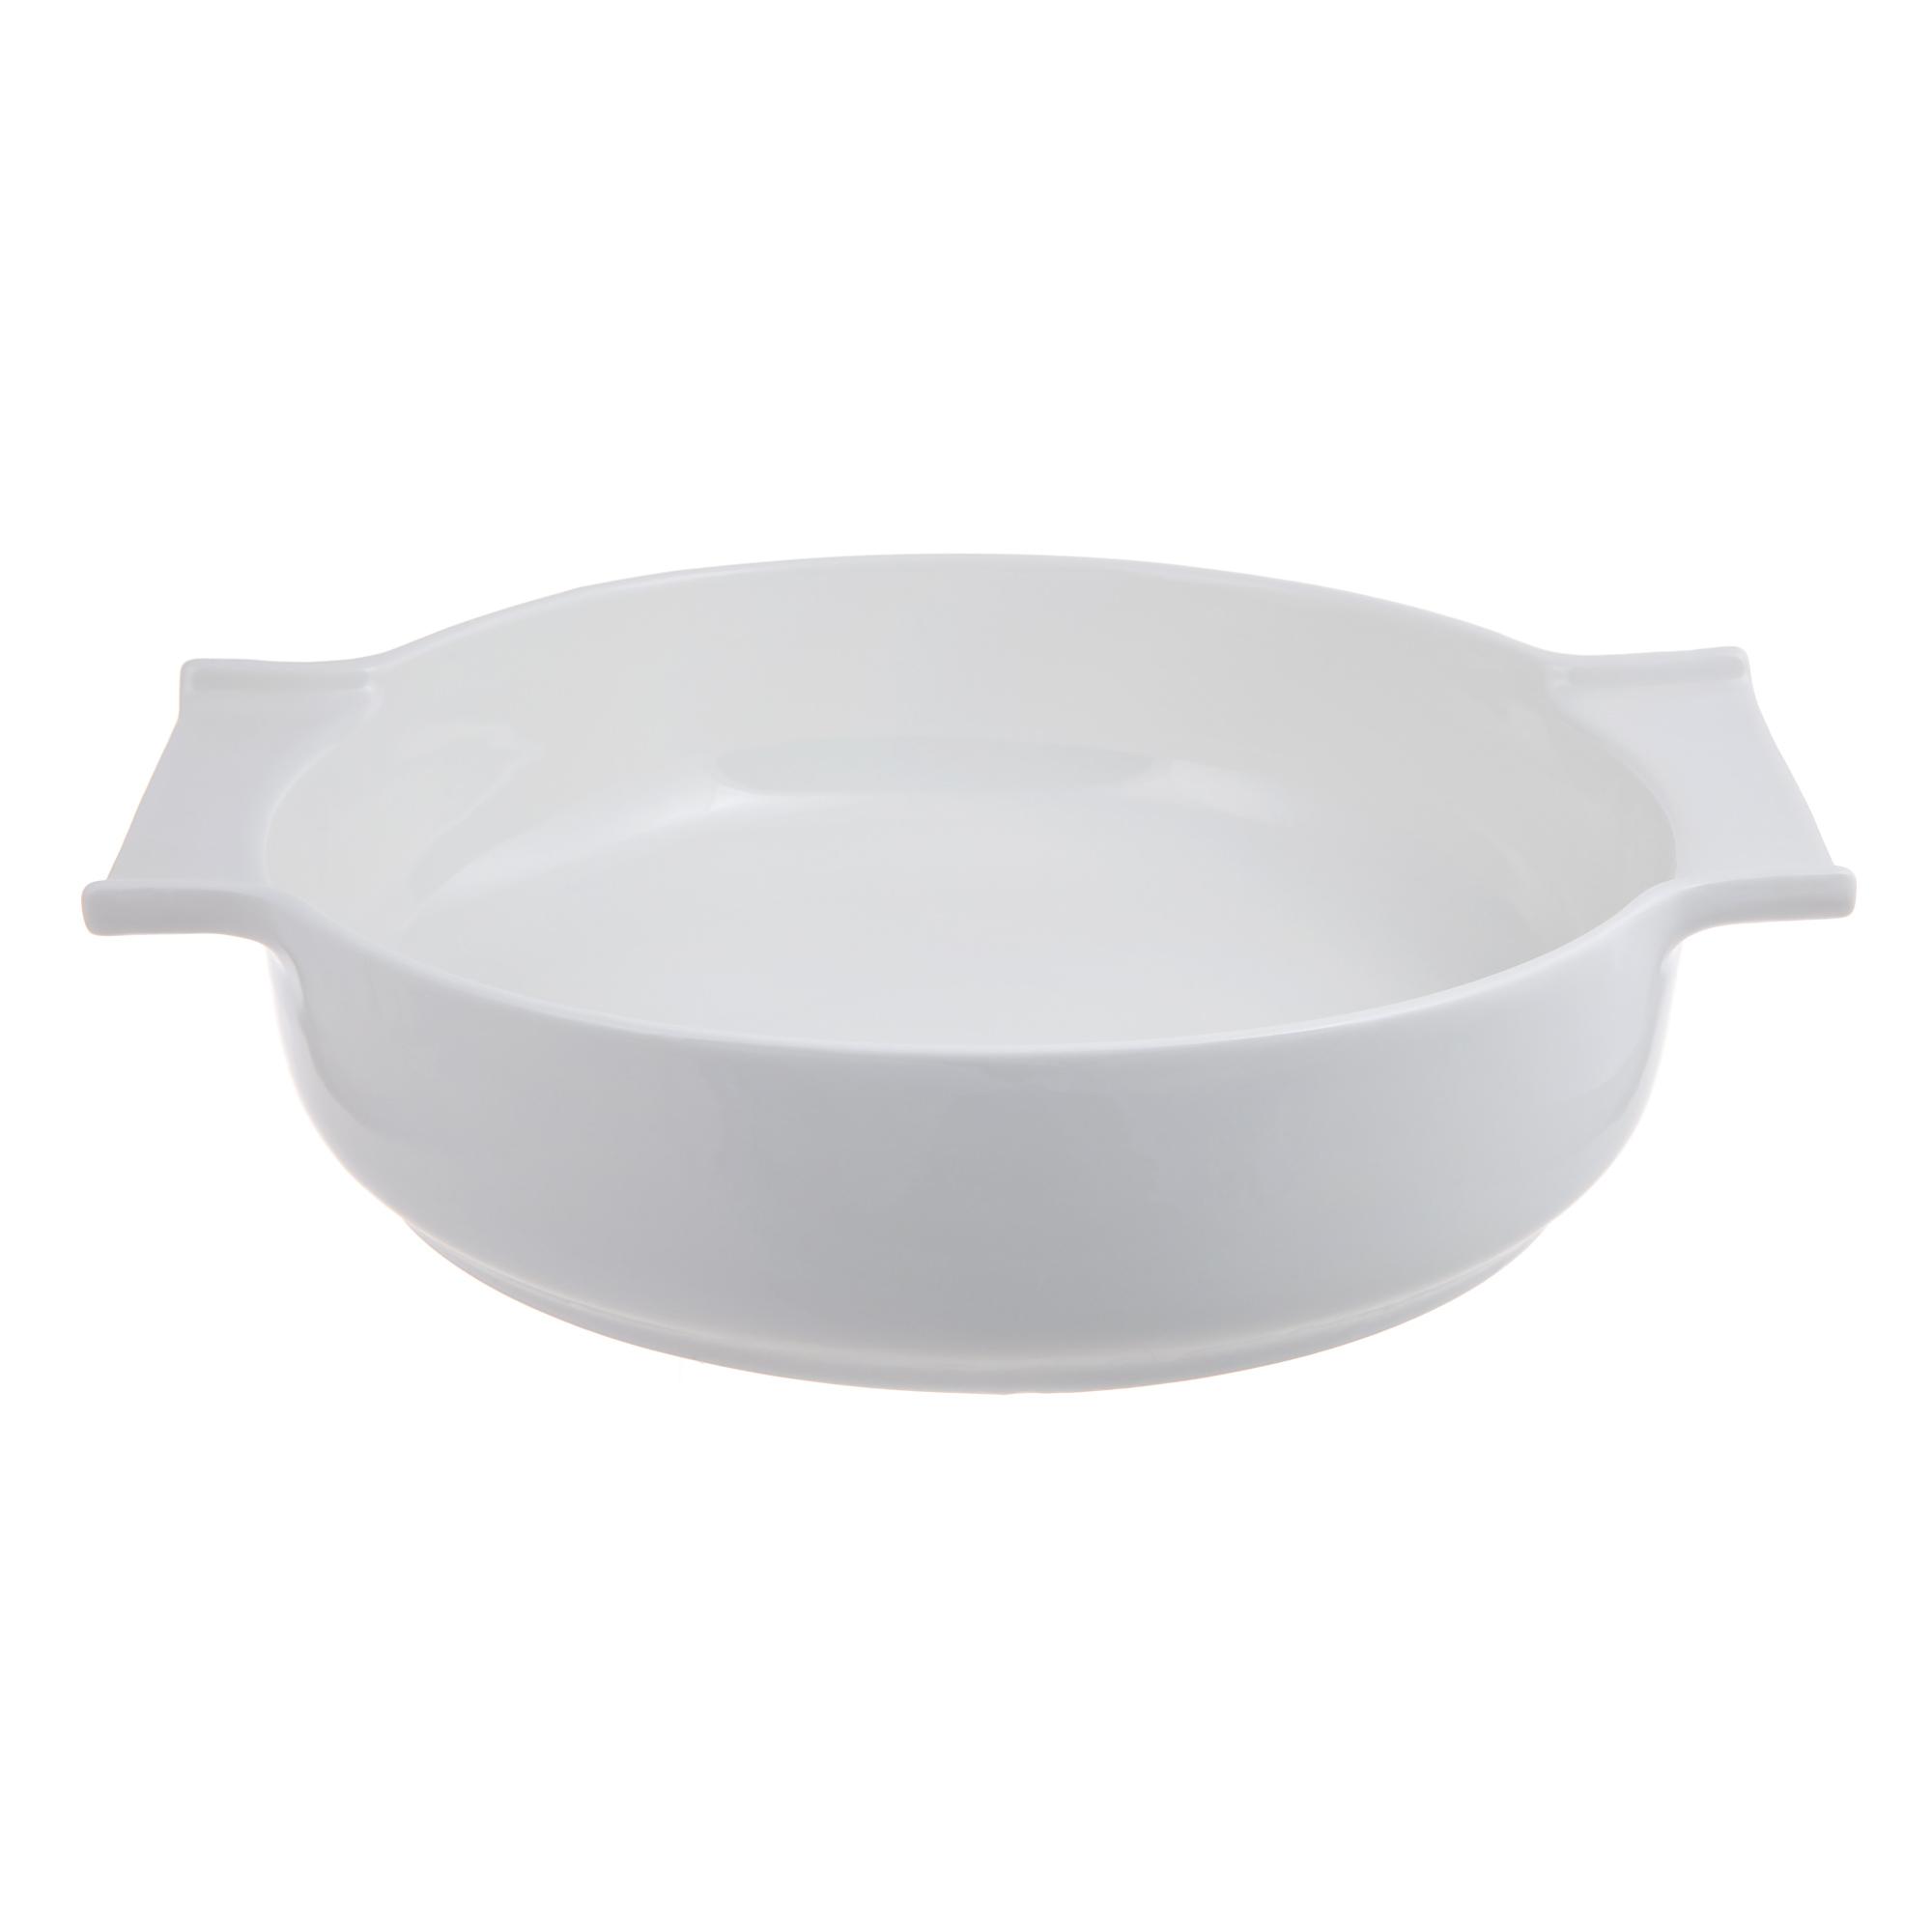 Купить Форма для запекания Andy Chef Wilmax 30.5х26х7 см в подарочной упаковке, Китай, фарфор